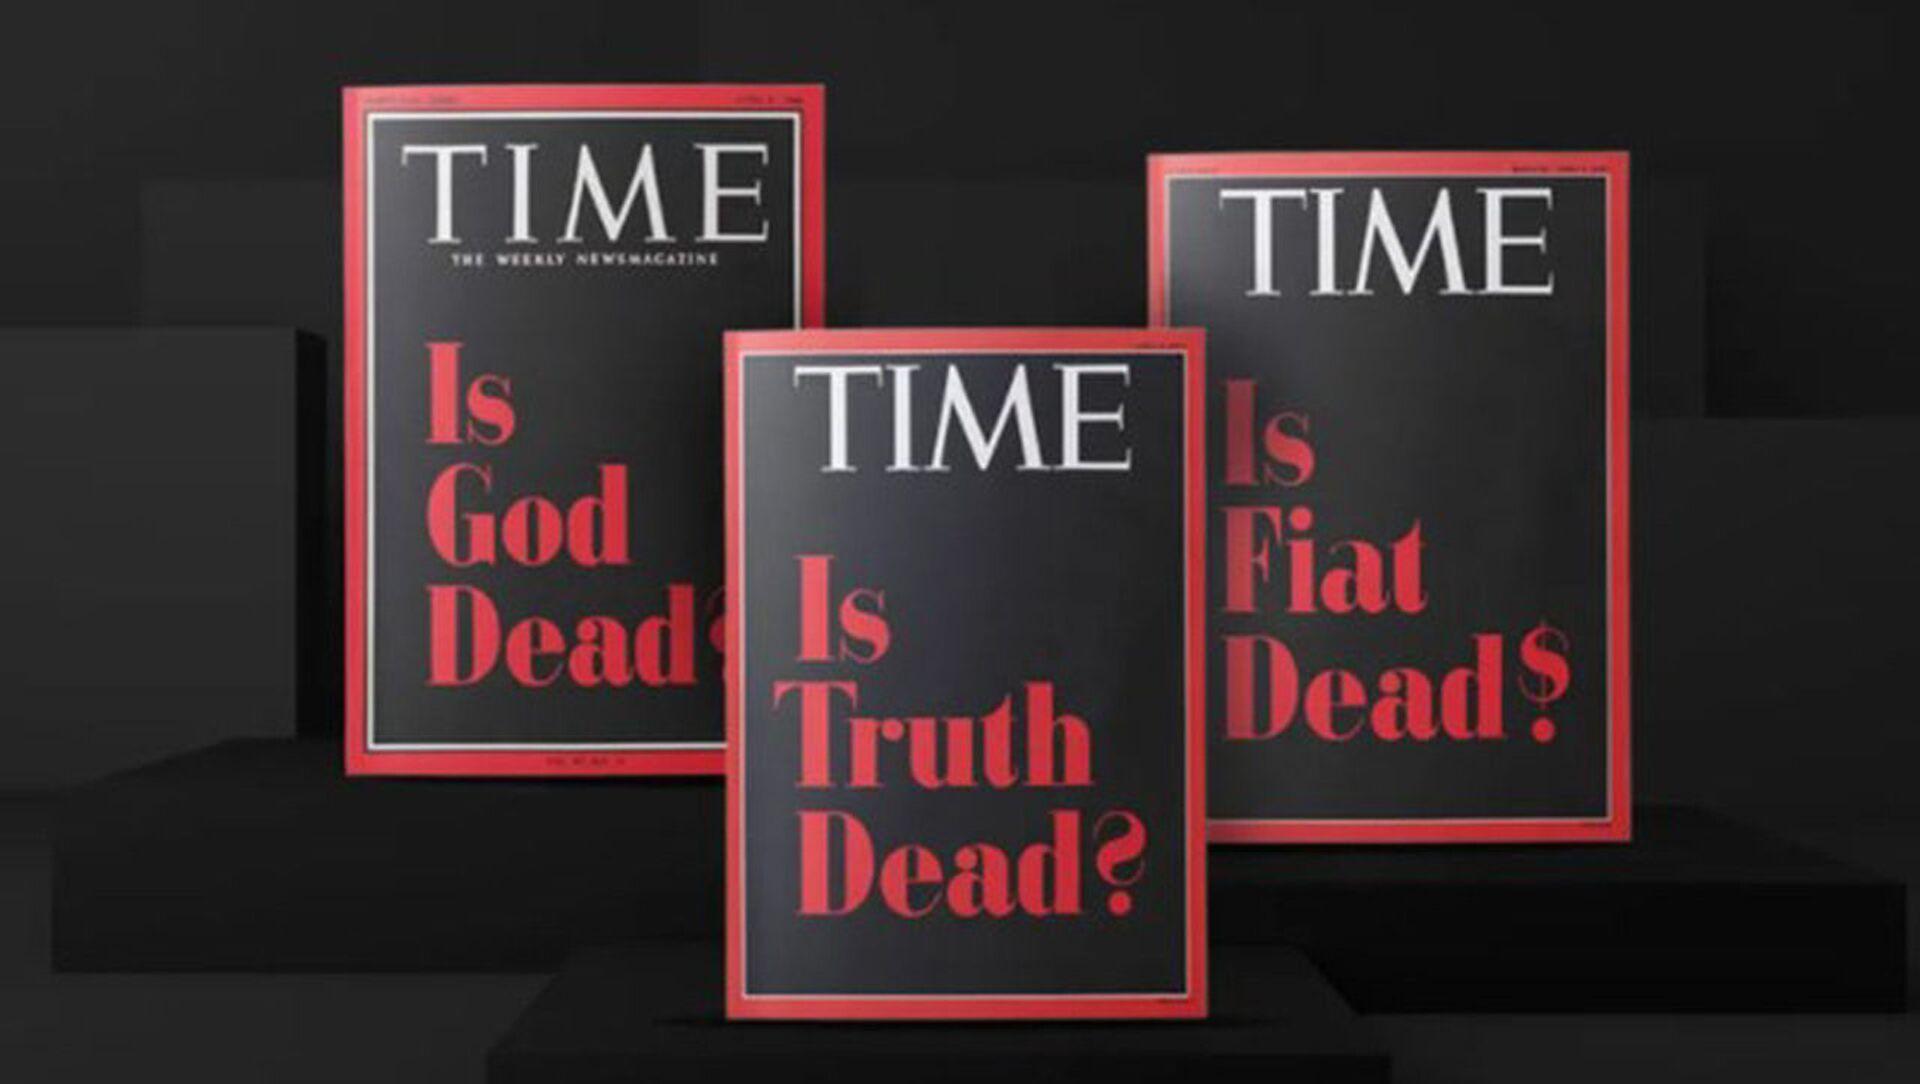 TIME dergisi, üç kapağını NFT olarak açık artırmaya çıkardı - Sputnik Türkiye, 1920, 23.03.2021